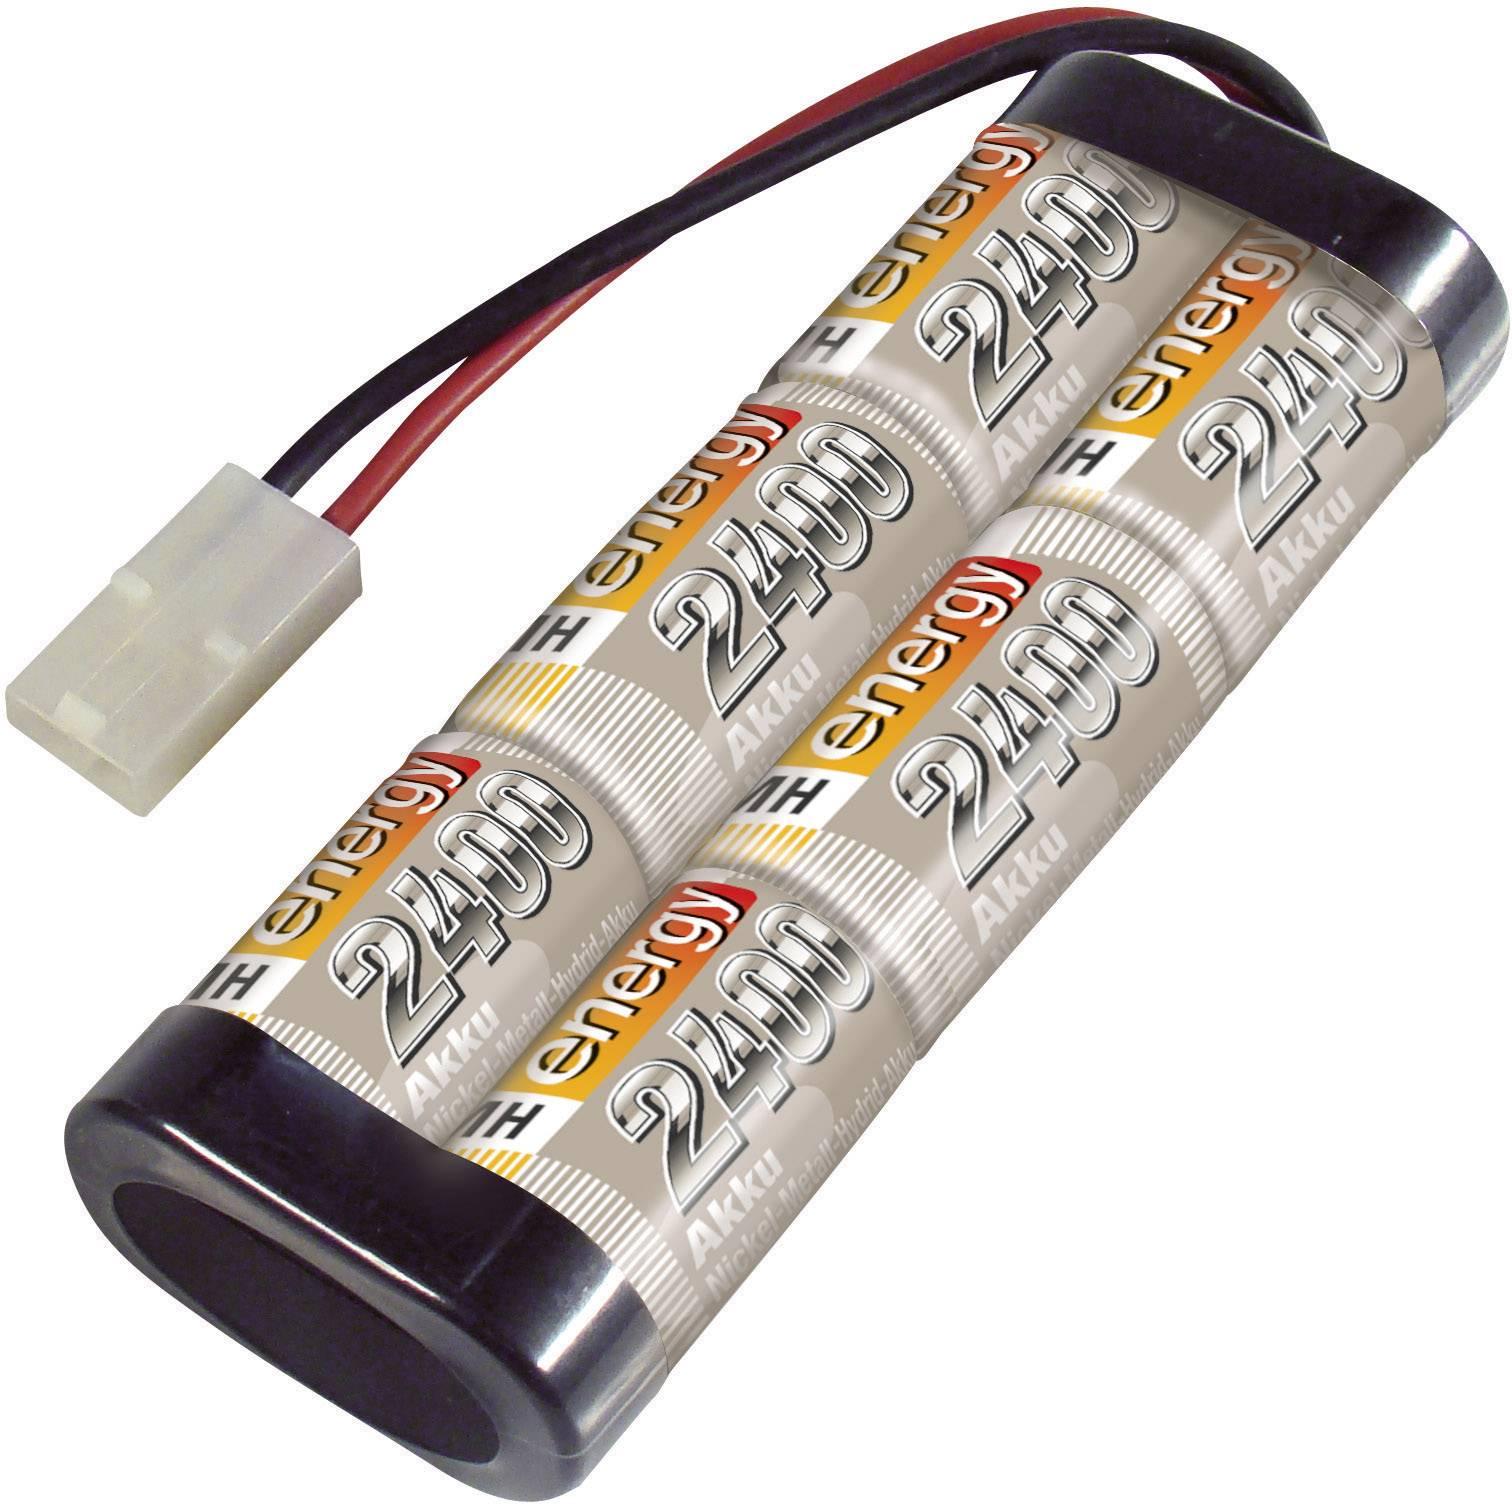 Akupack NiMH Conrad energy 206026, 7.2 V, 2400 mAh